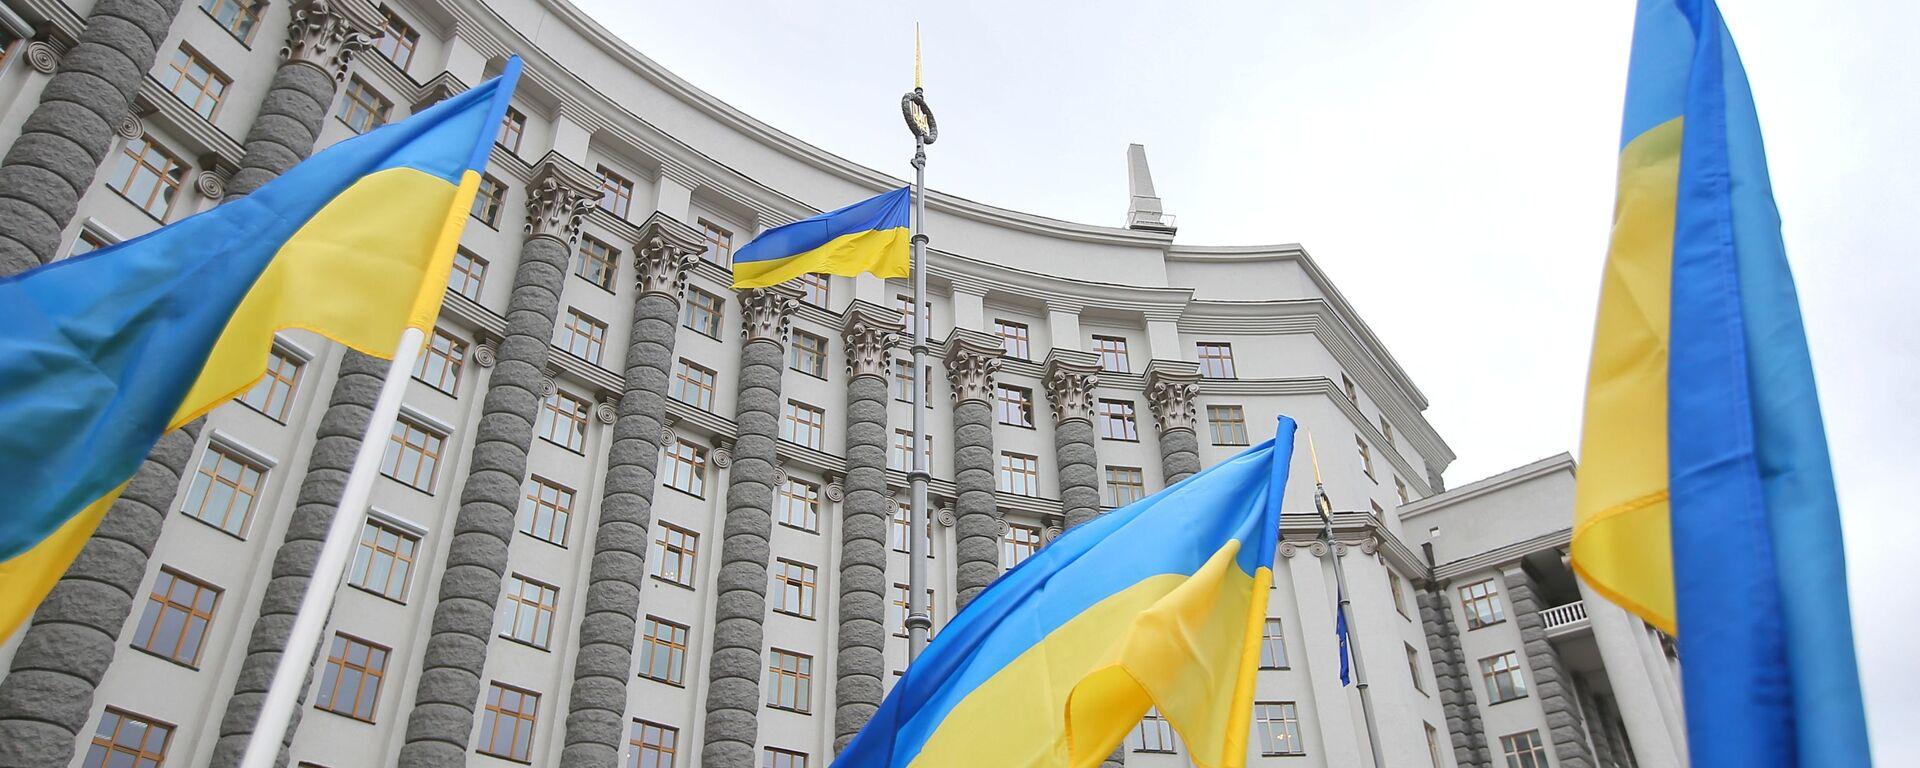 Здание правительства Украины в Киеве. - Sputnik Узбекистан, 1920, 11.08.2021